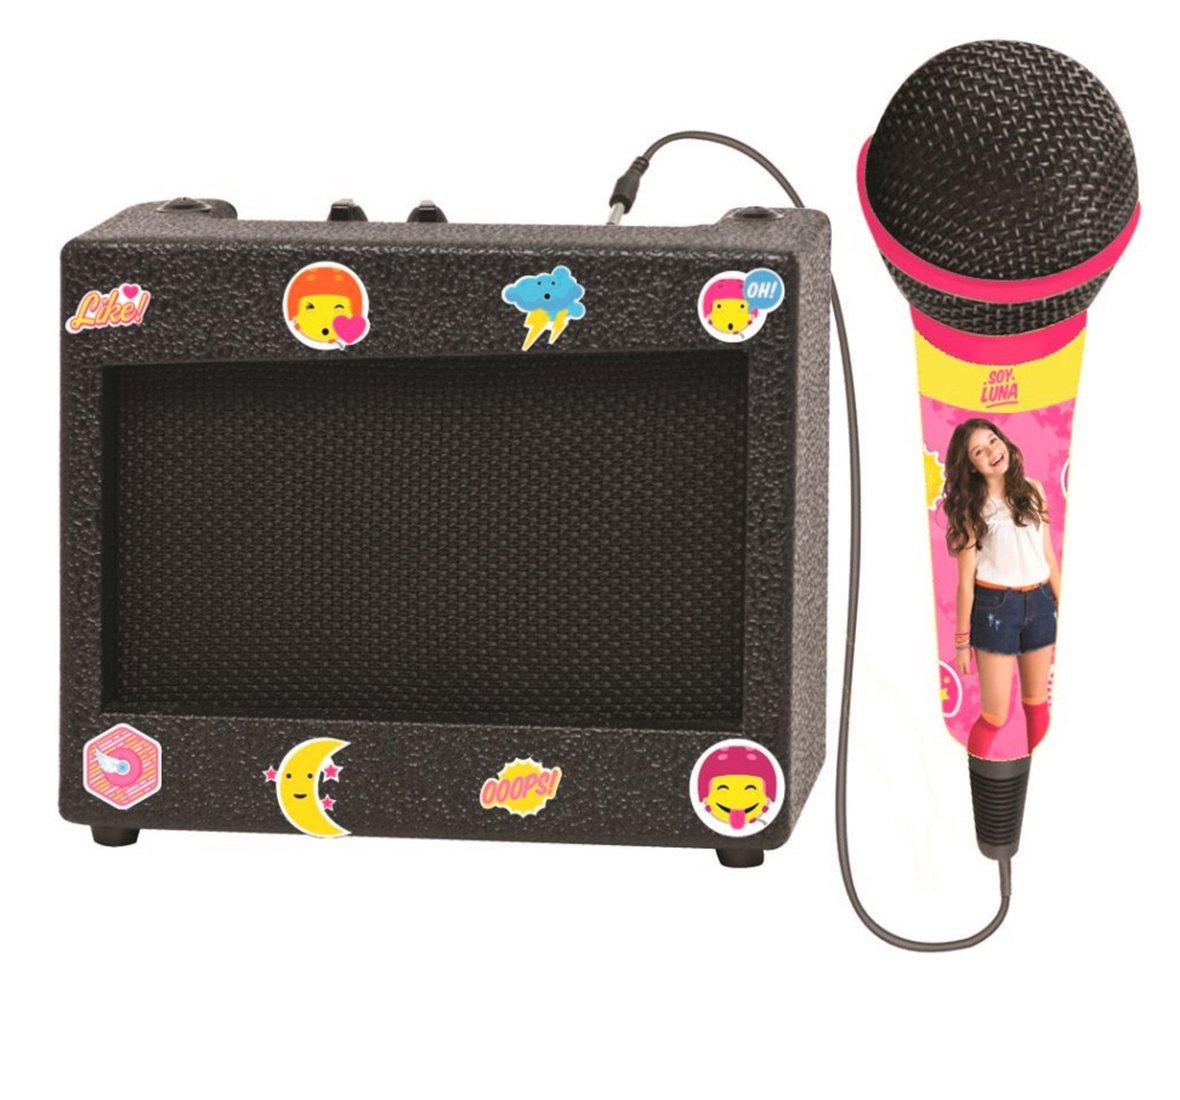 Lexibook K900SL Soy Luna Portable Retro Karaoke Set by LEXIBOOK